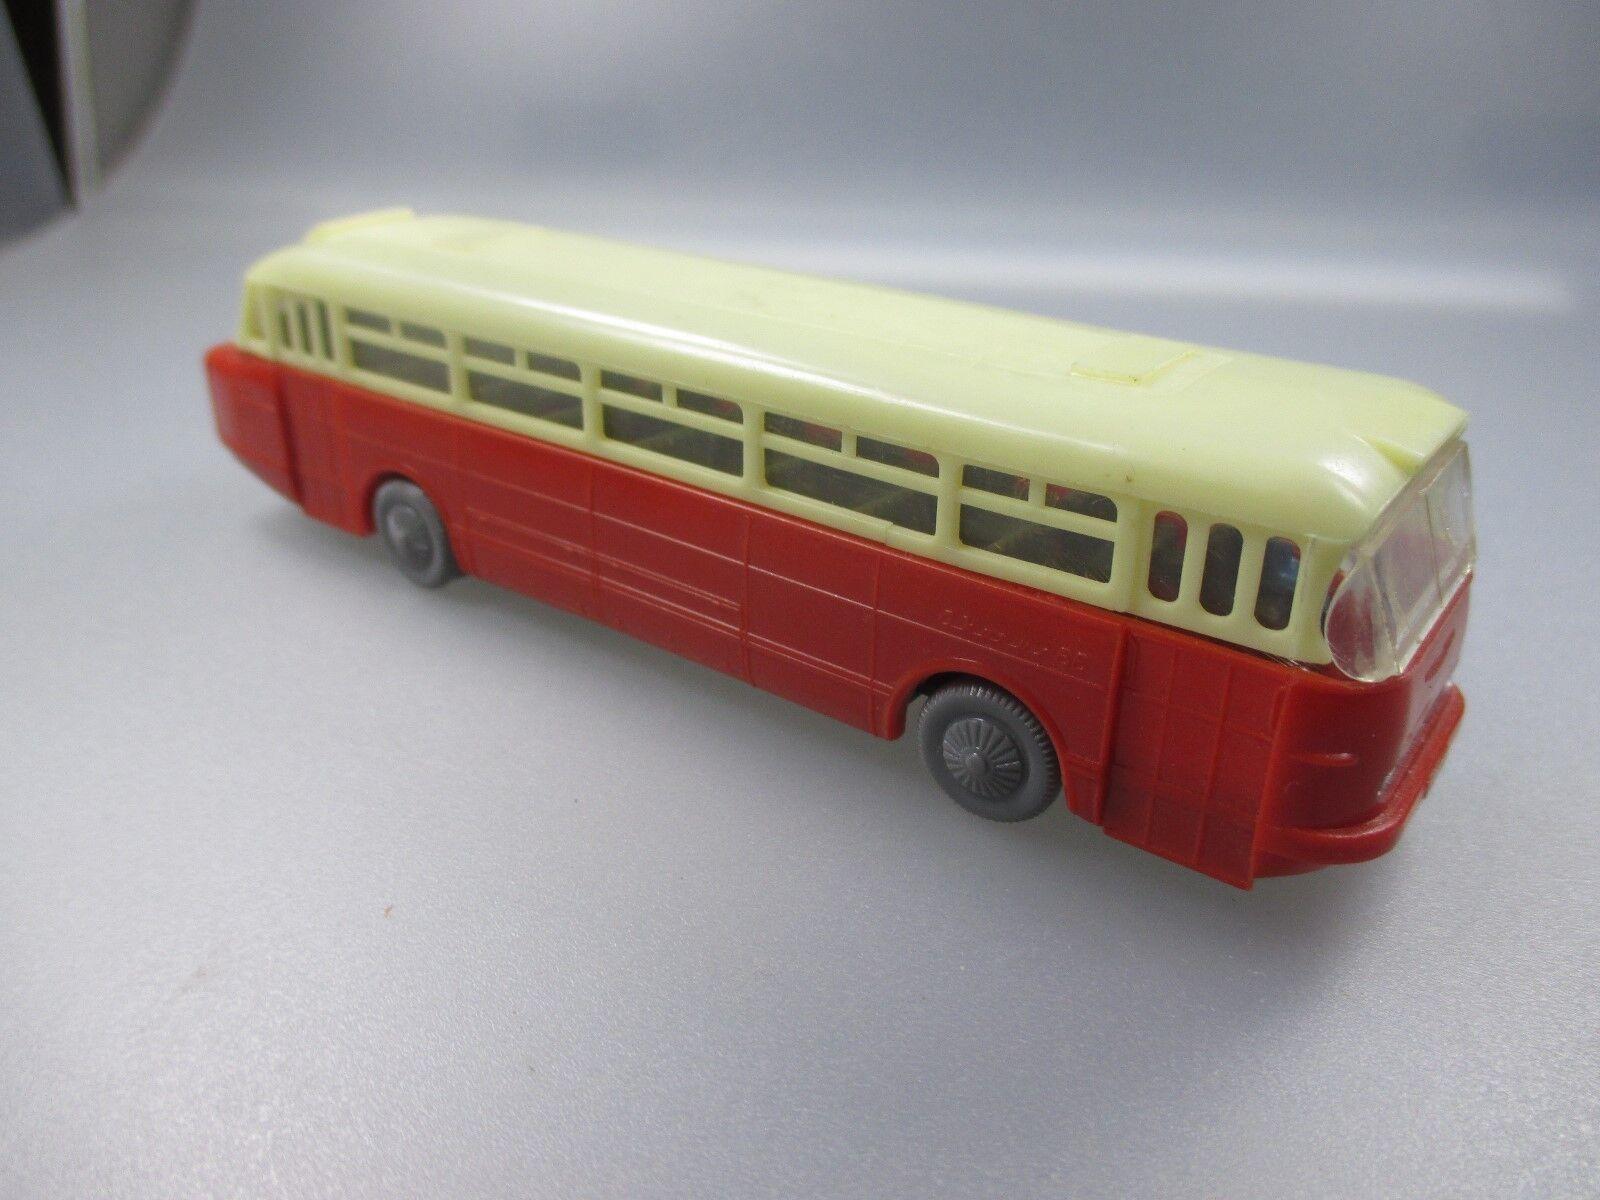 Espewe  Ikarus 66 bus, grisE roues, de nos premières modèle, rarement, échelle h0 (gk28)